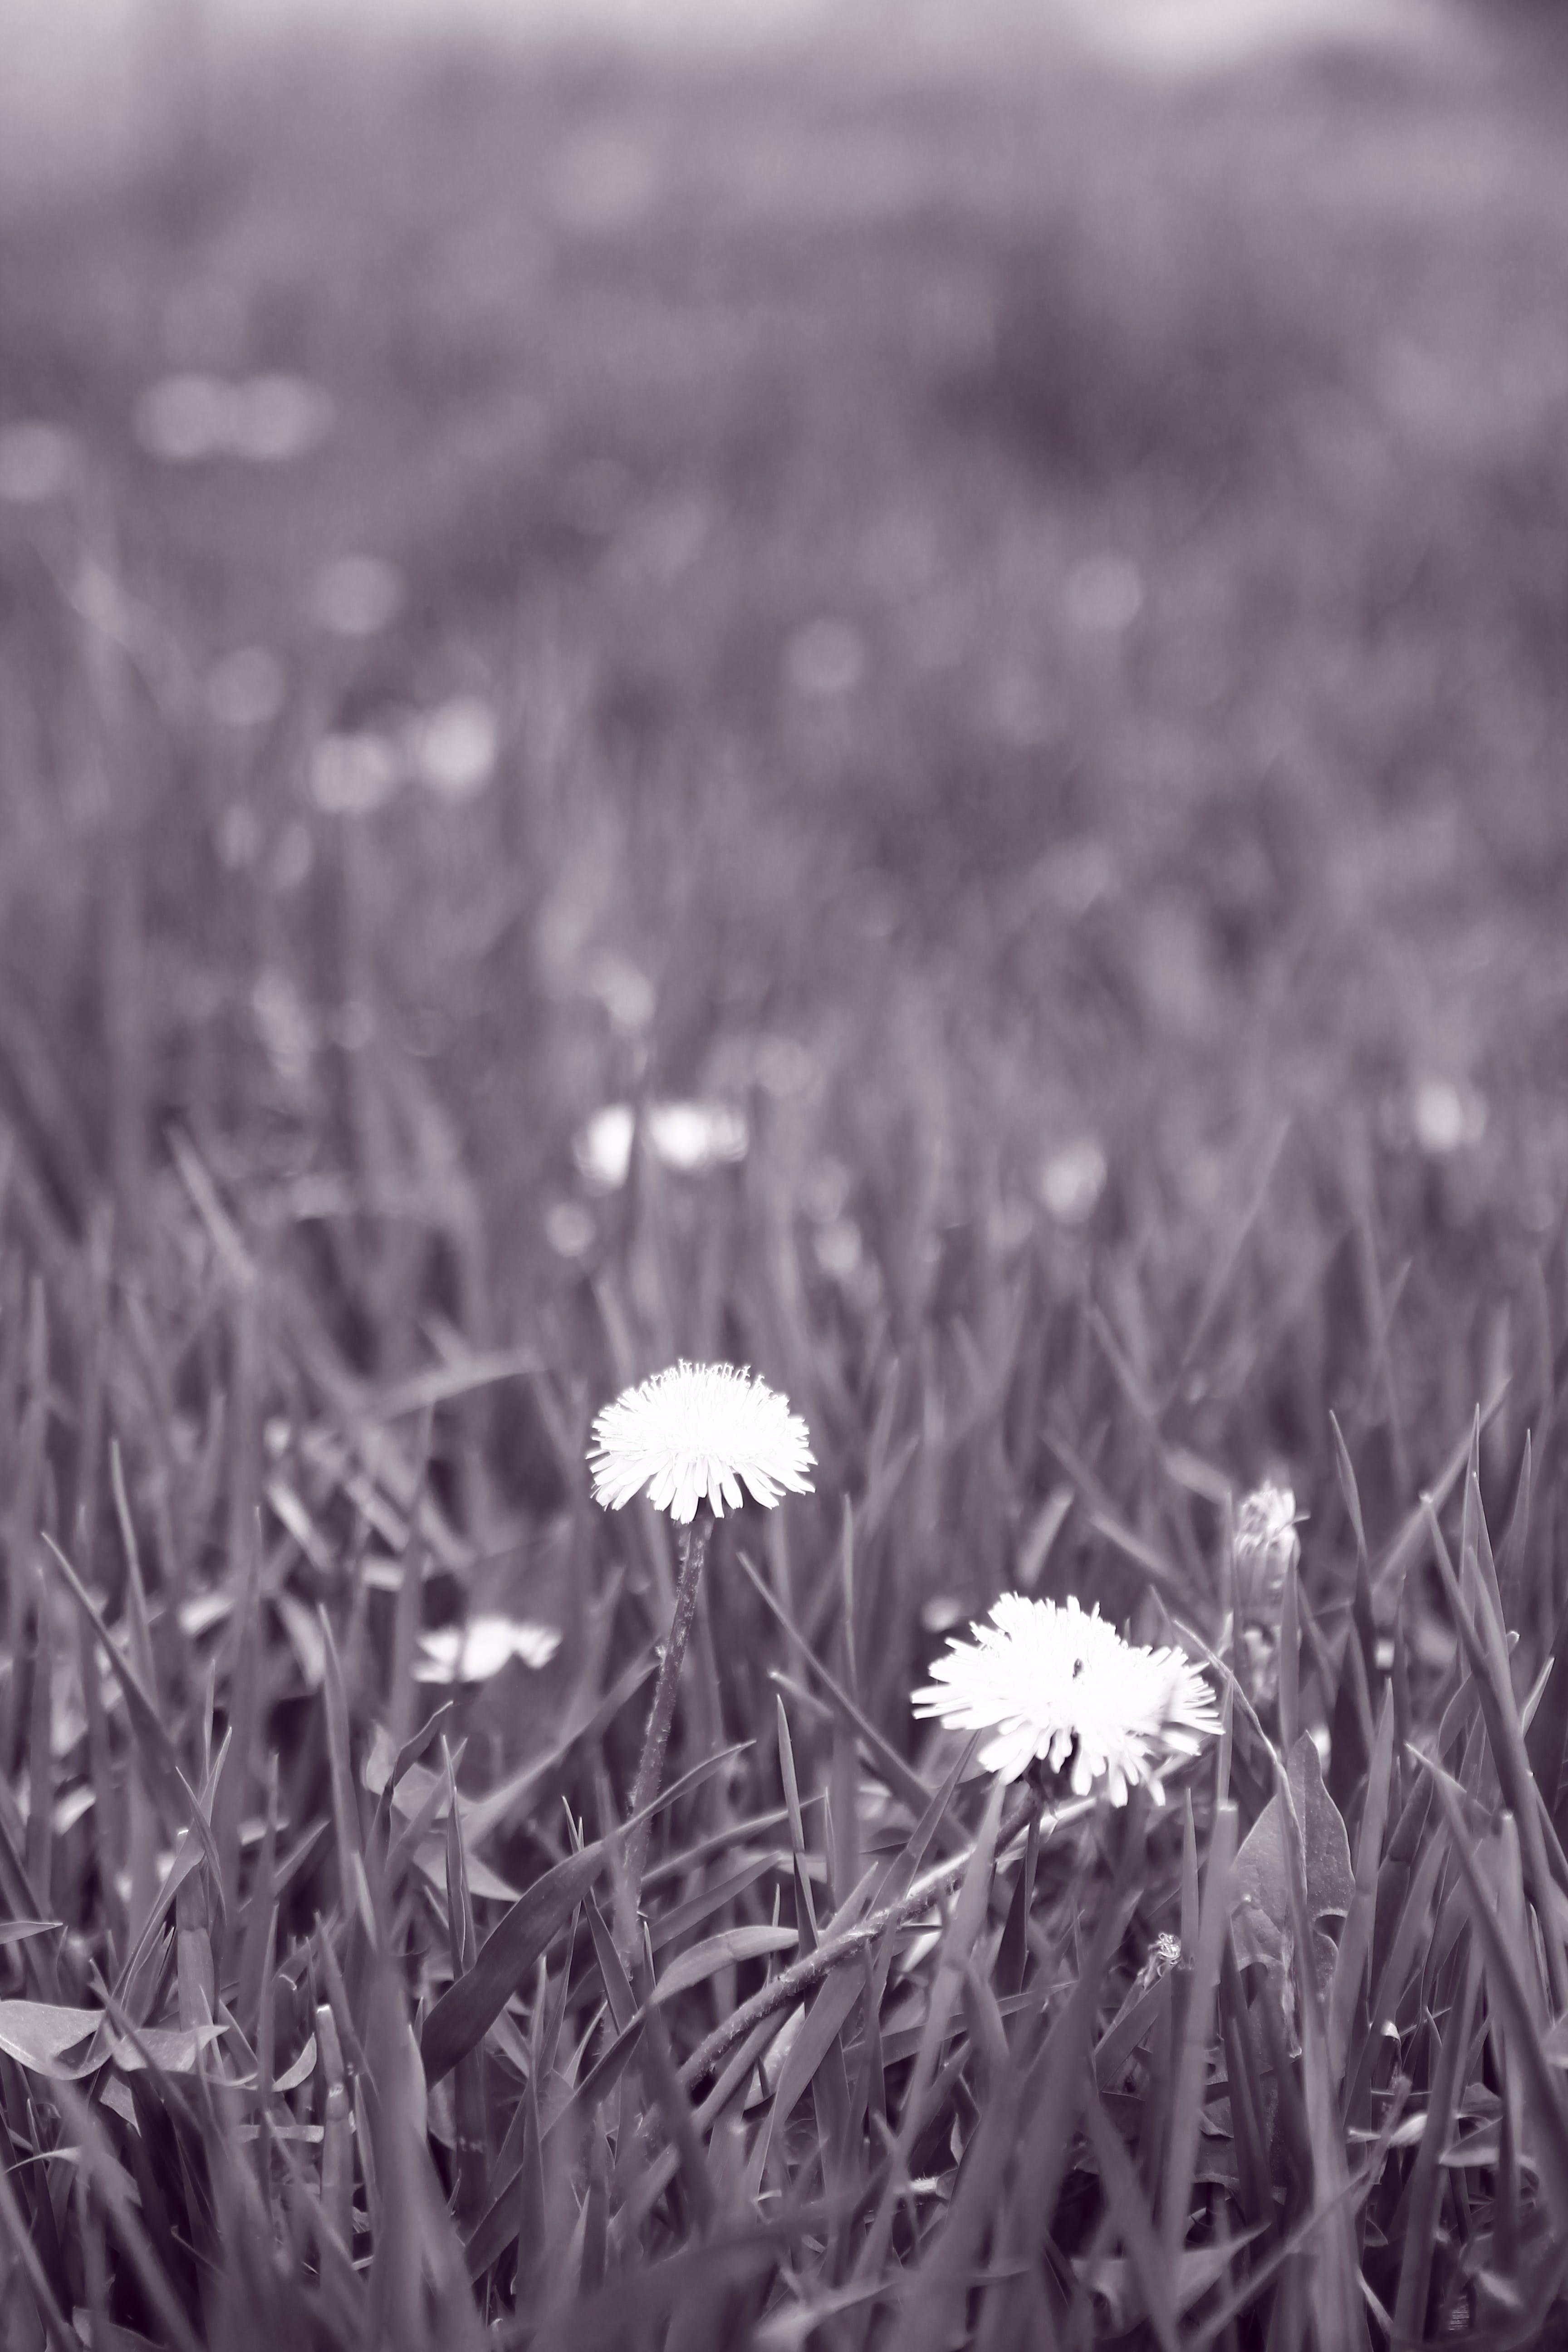 Δωρεάν στοκ φωτογραφιών με γρασίδι, καλλιέργεια, κήπος, πικραλίδα